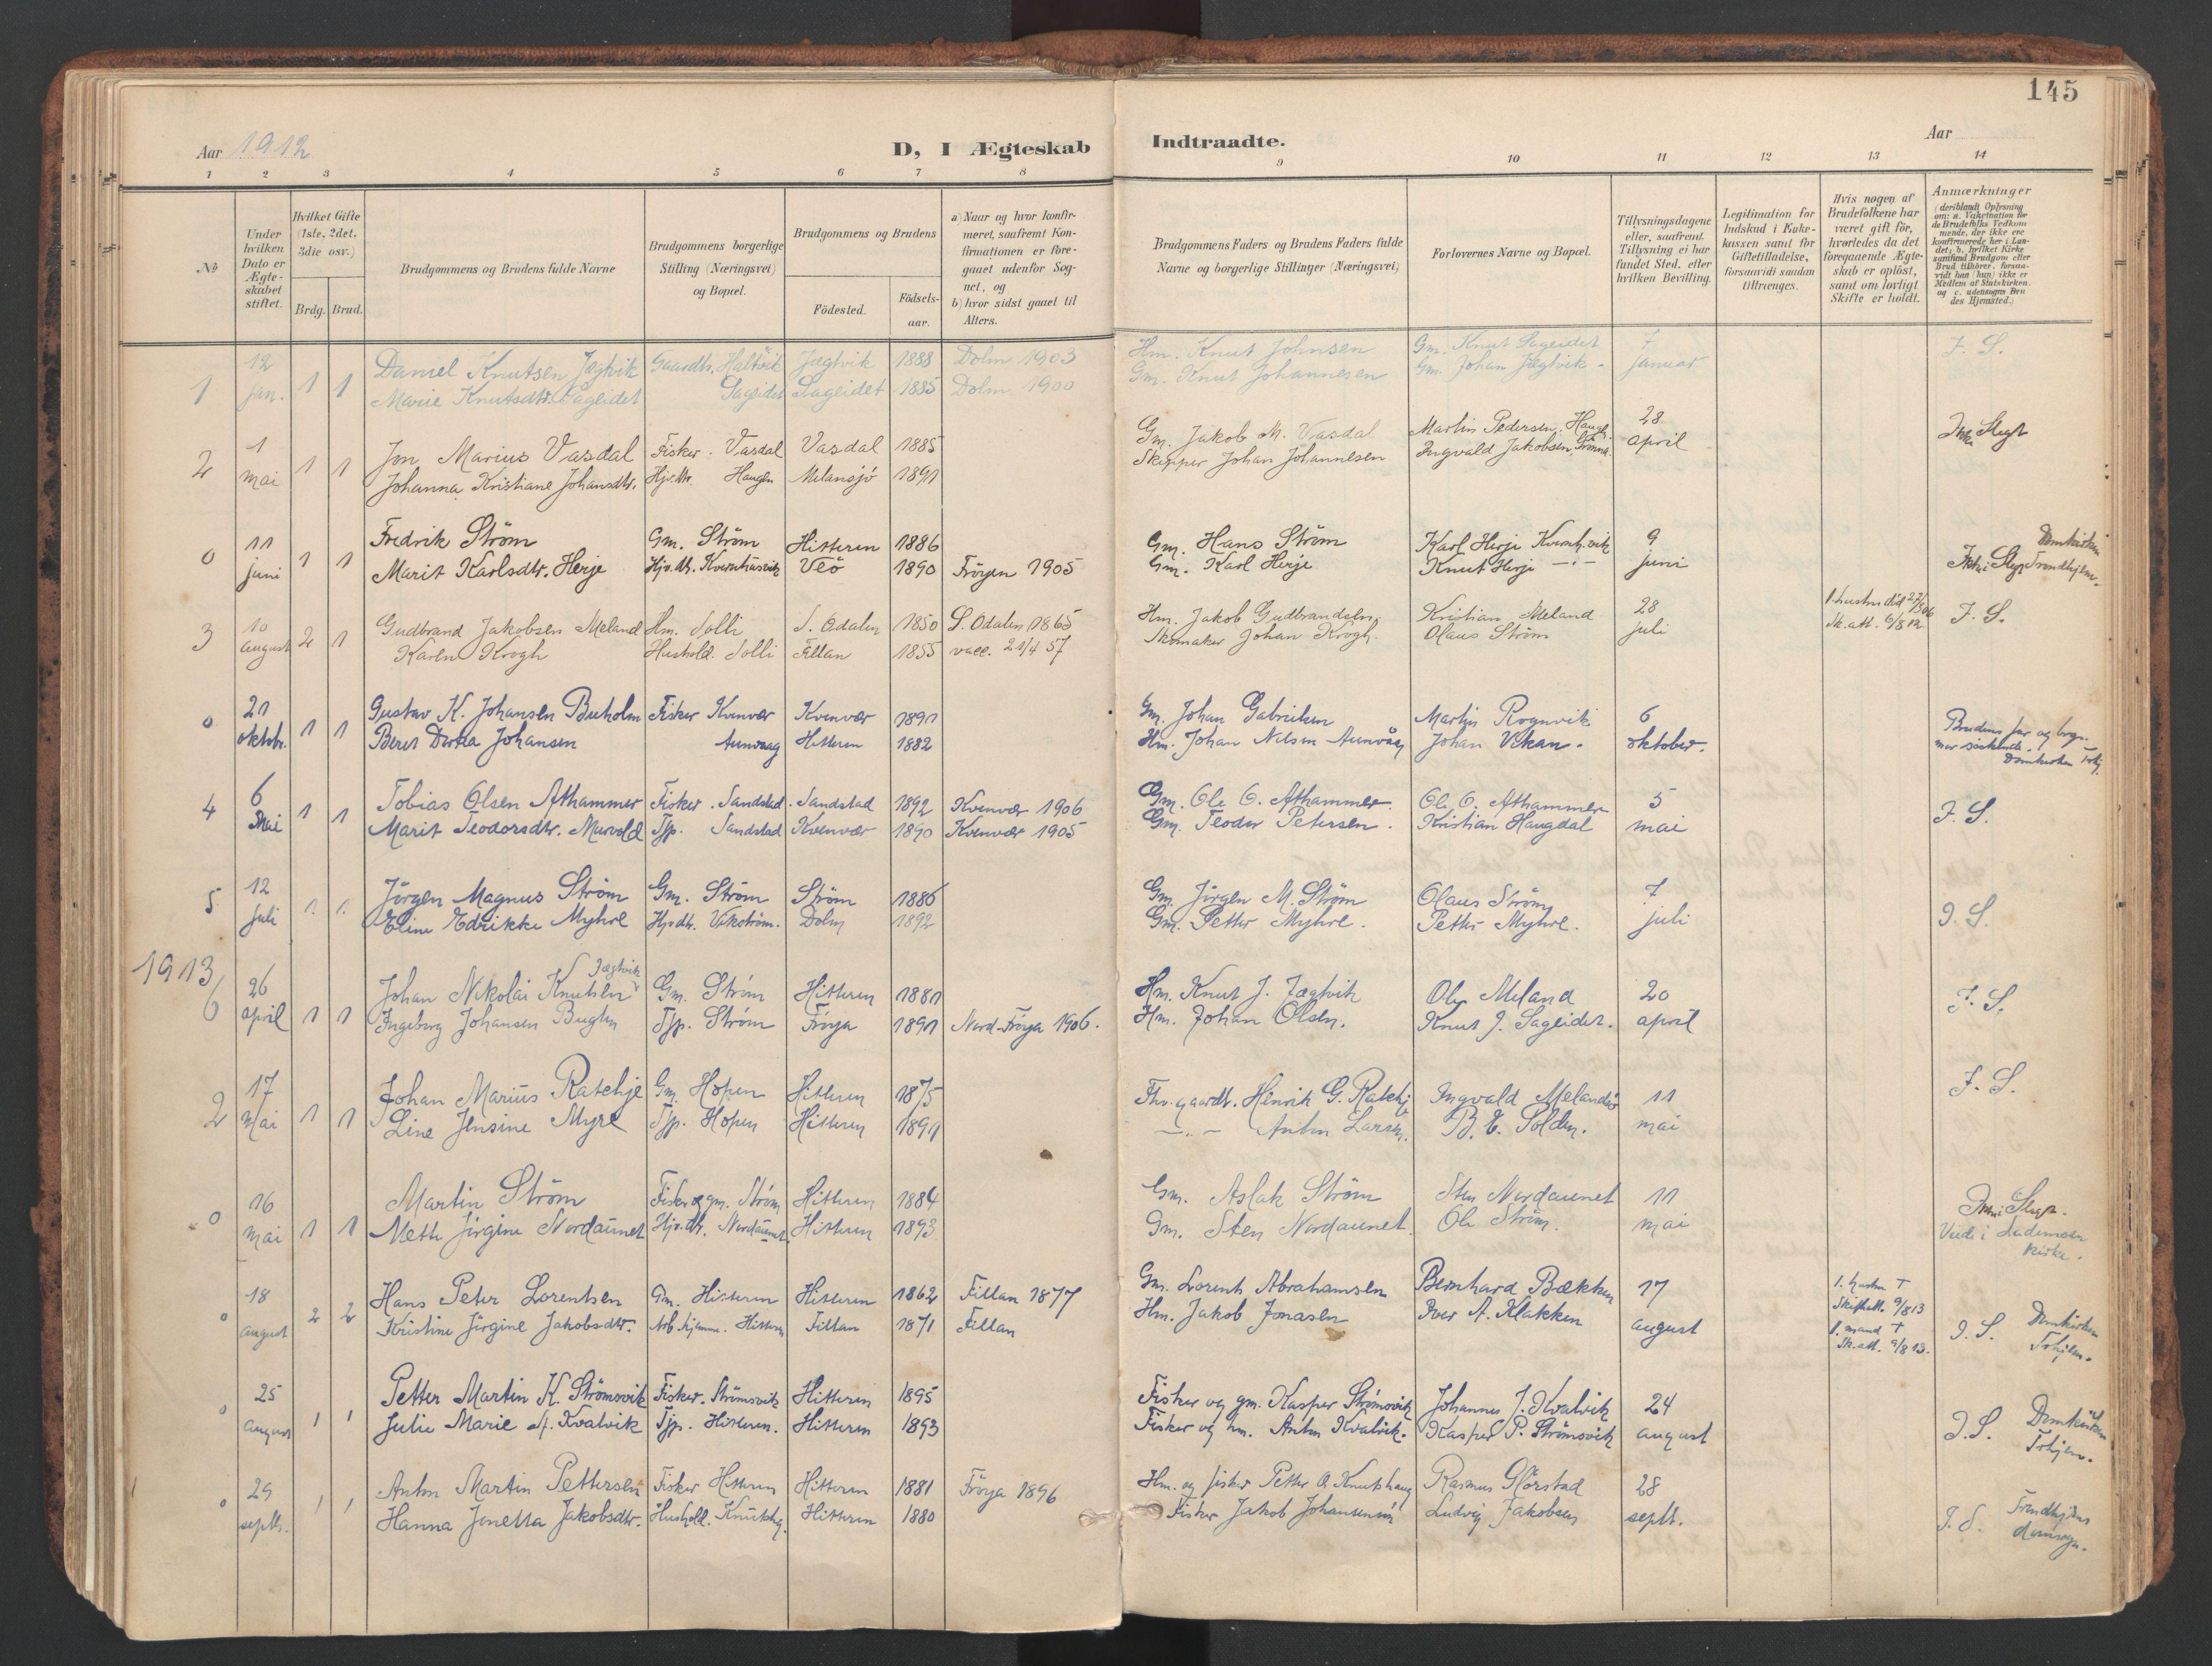 SAT, Ministerialprotokoller, klokkerbøker og fødselsregistre - Sør-Trøndelag, 634/L0537: Ministerialbok nr. 634A13, 1896-1922, s. 145